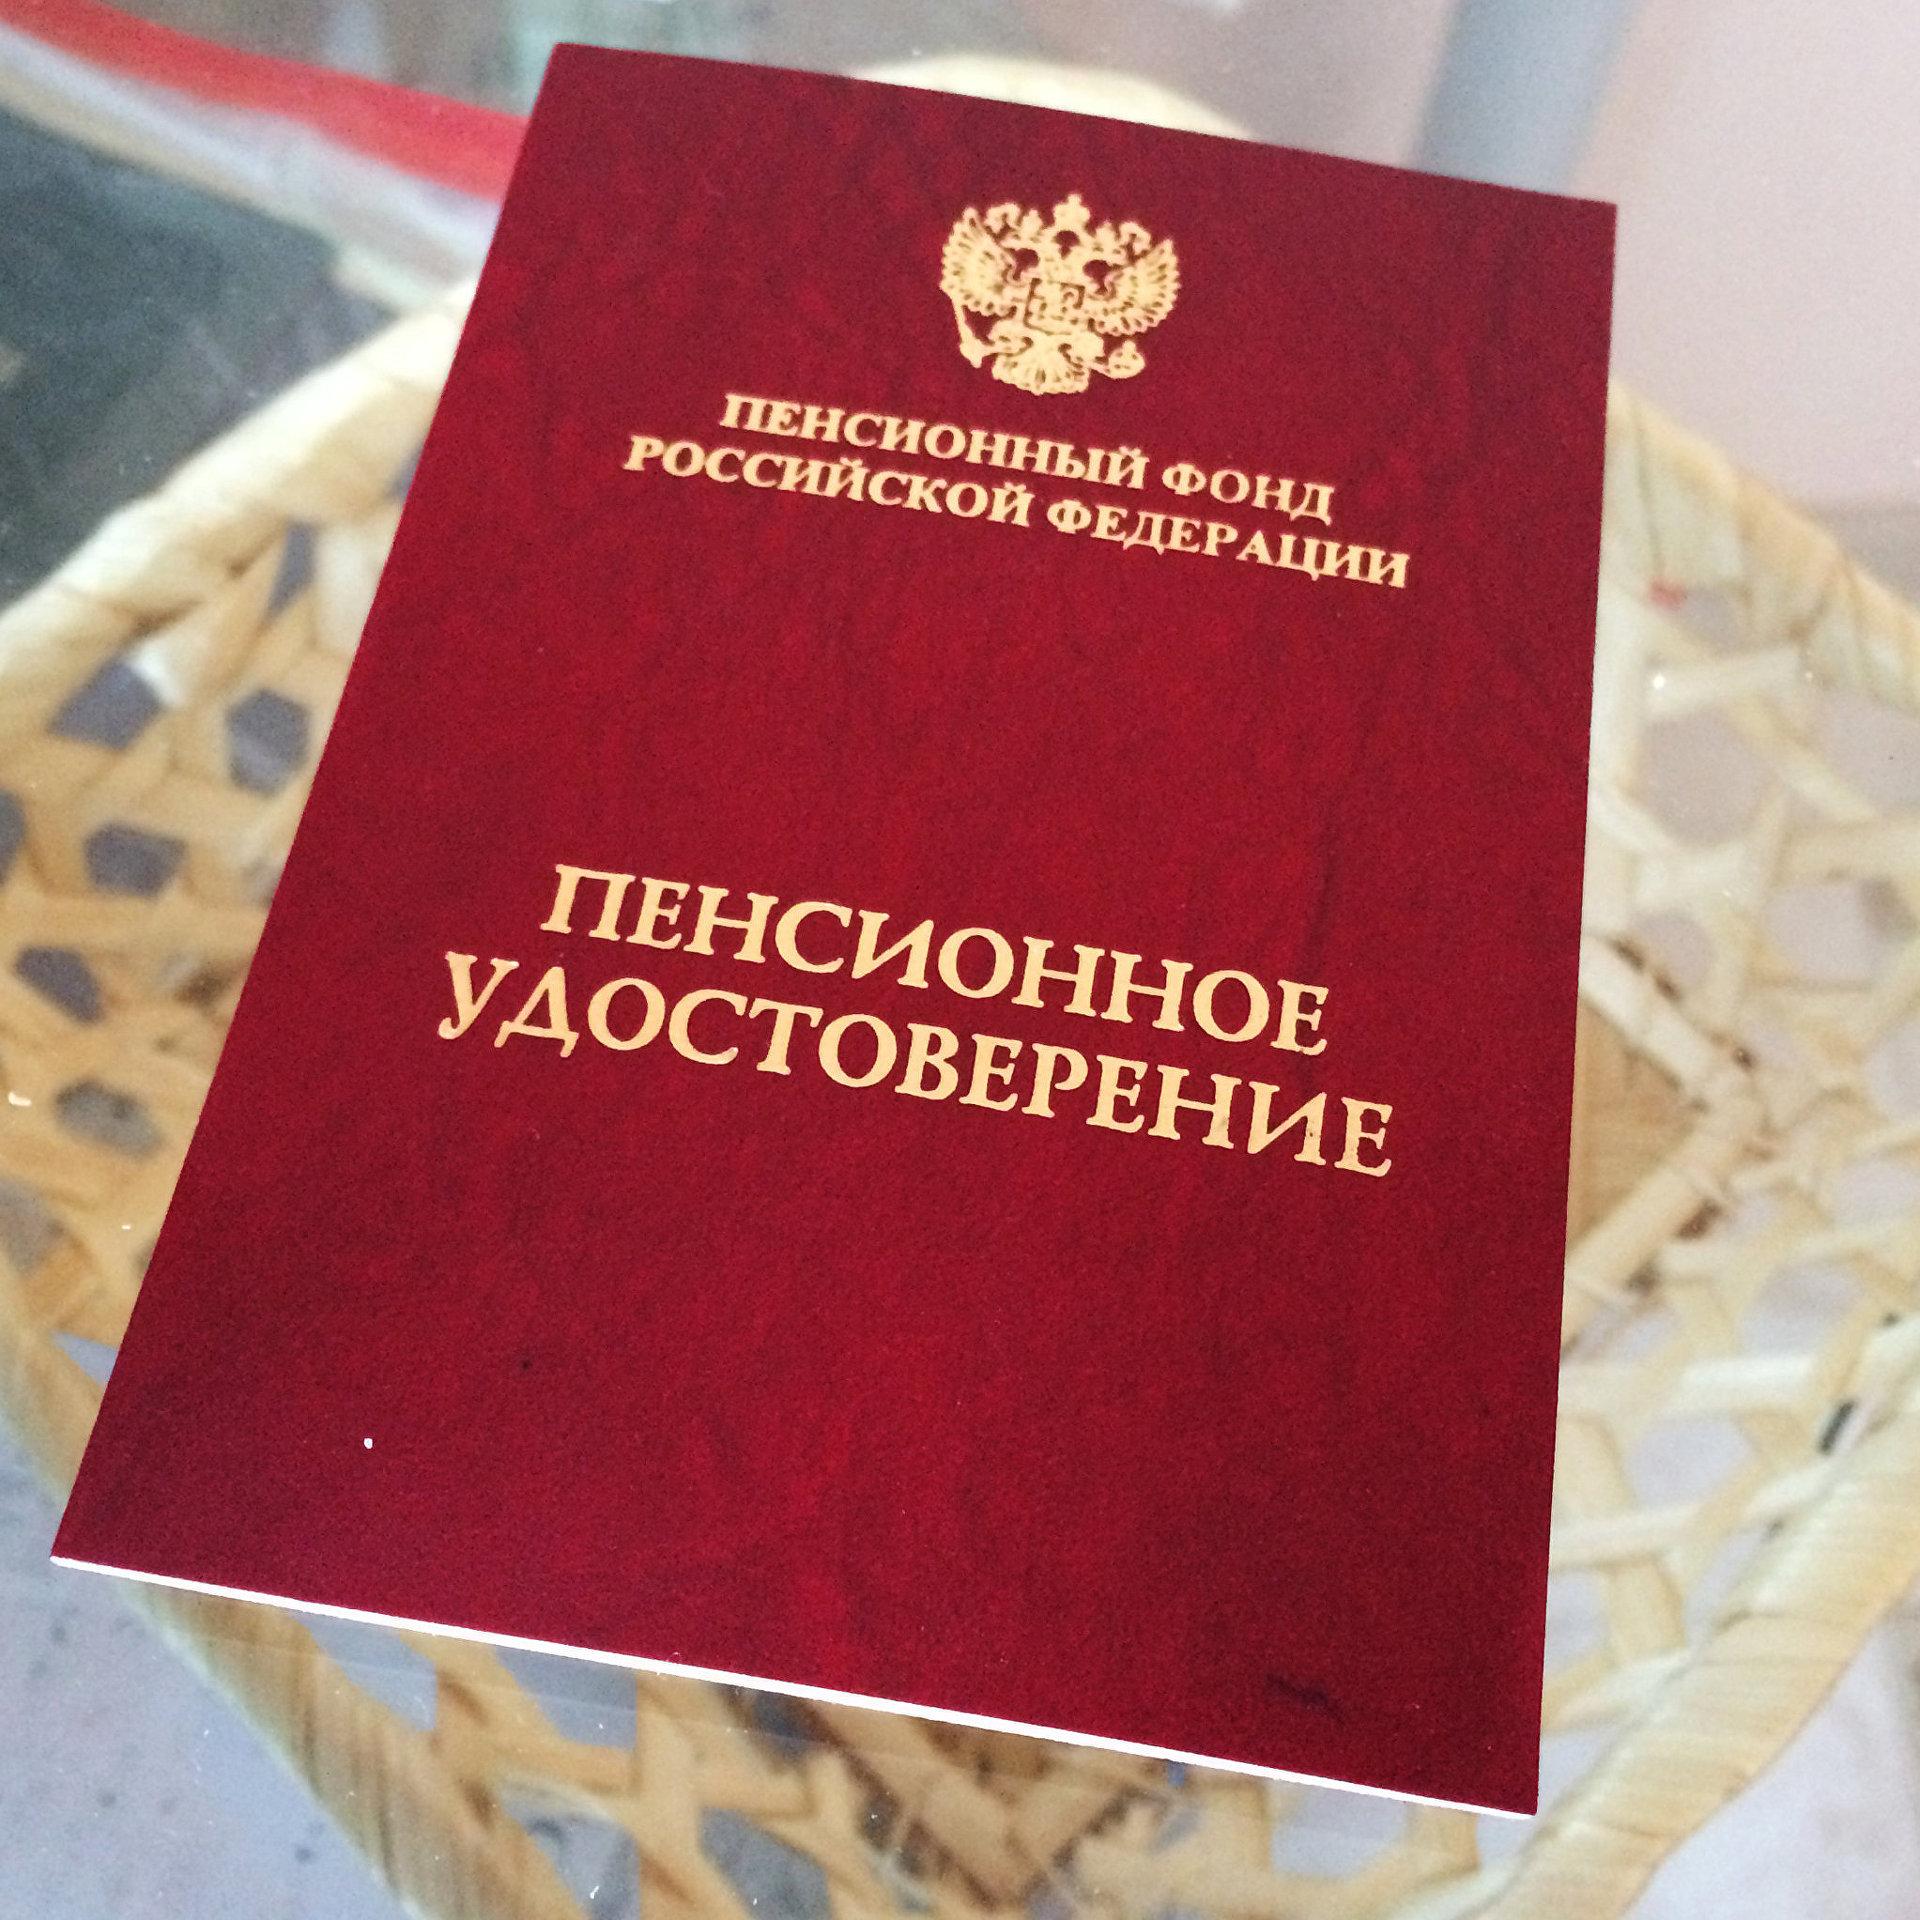 можно ли получить пенсию по пенсионному без паспорта